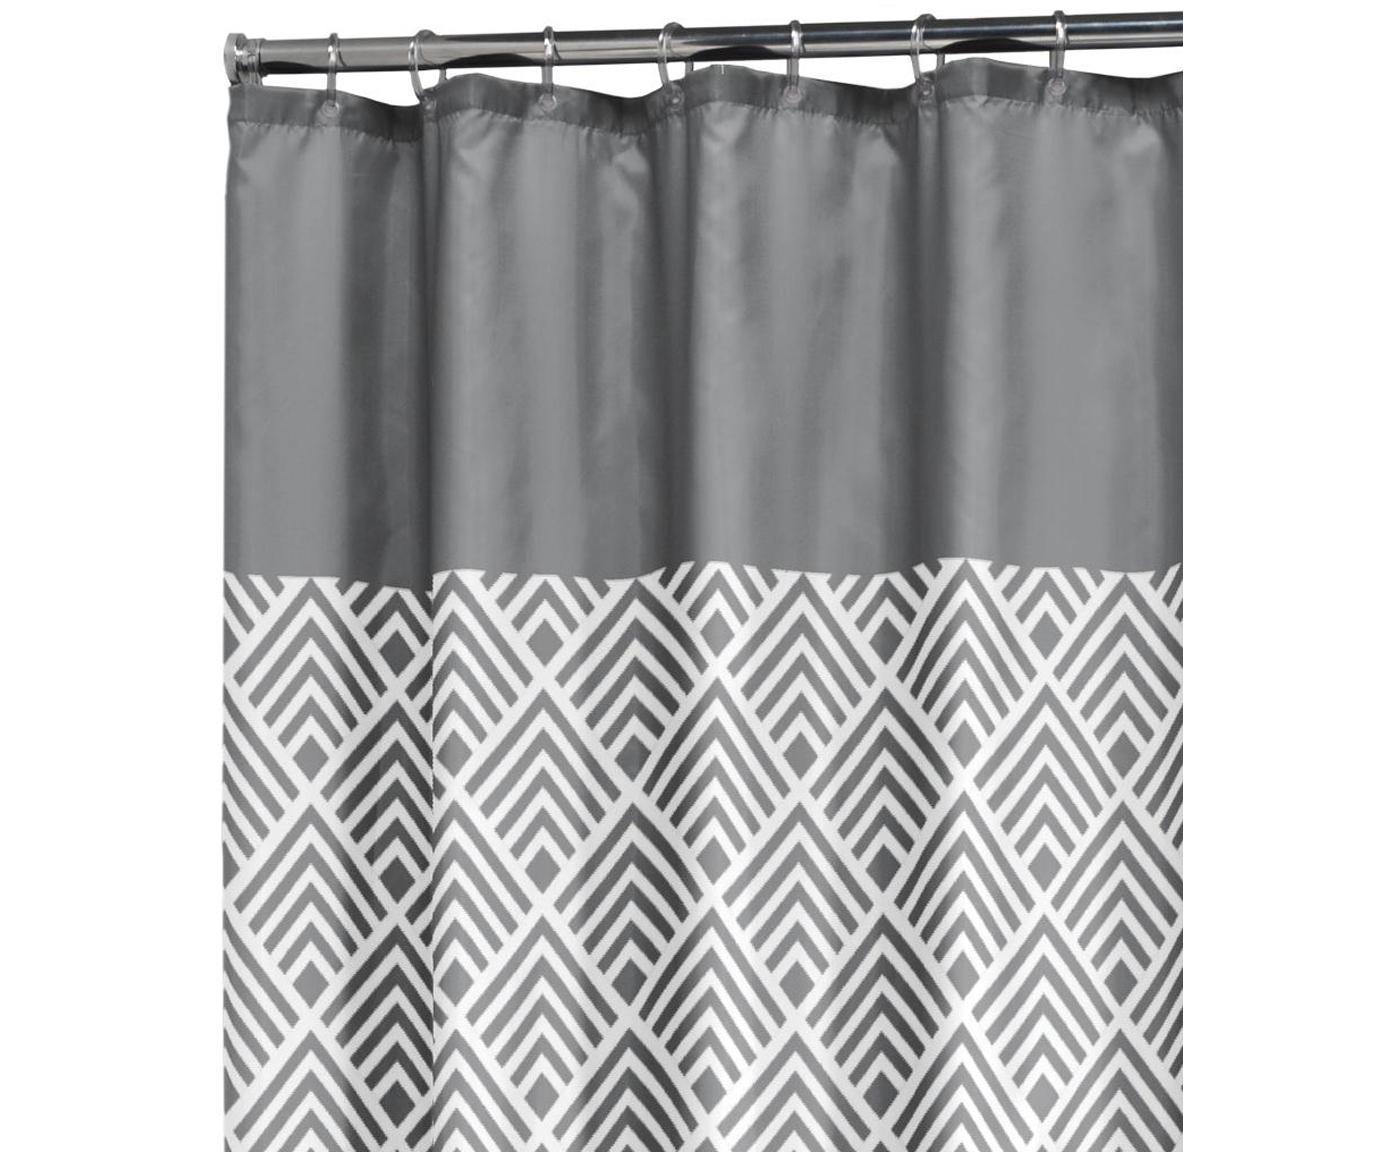 Douchegordijn met patroon Allie, Oogjes: metaal, Grijs, wit, 180 x 200 cm